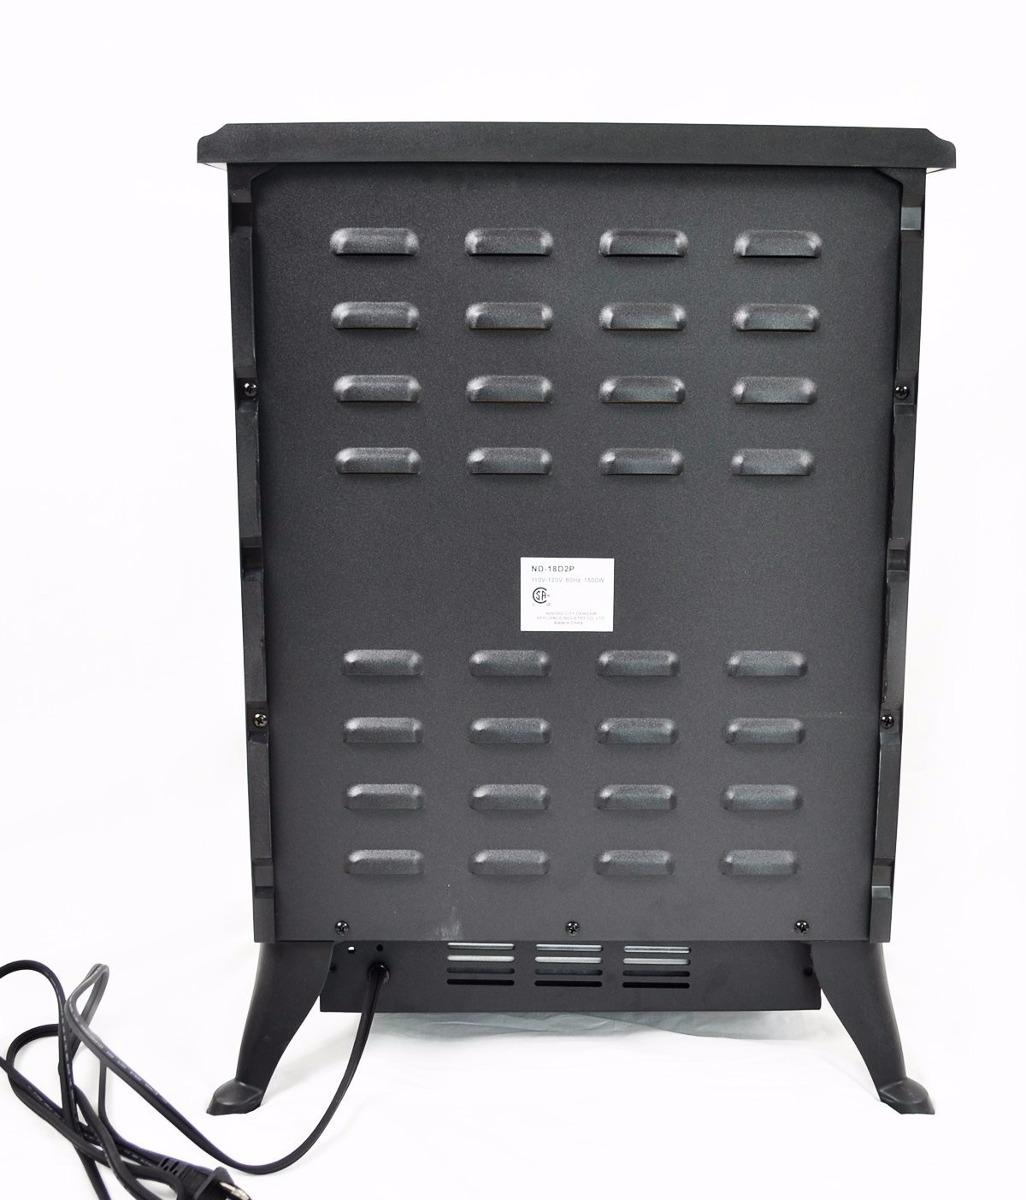 Calentador el ctrico ak nd 18d2p compacto estilo europeo for Casa moderna 3181